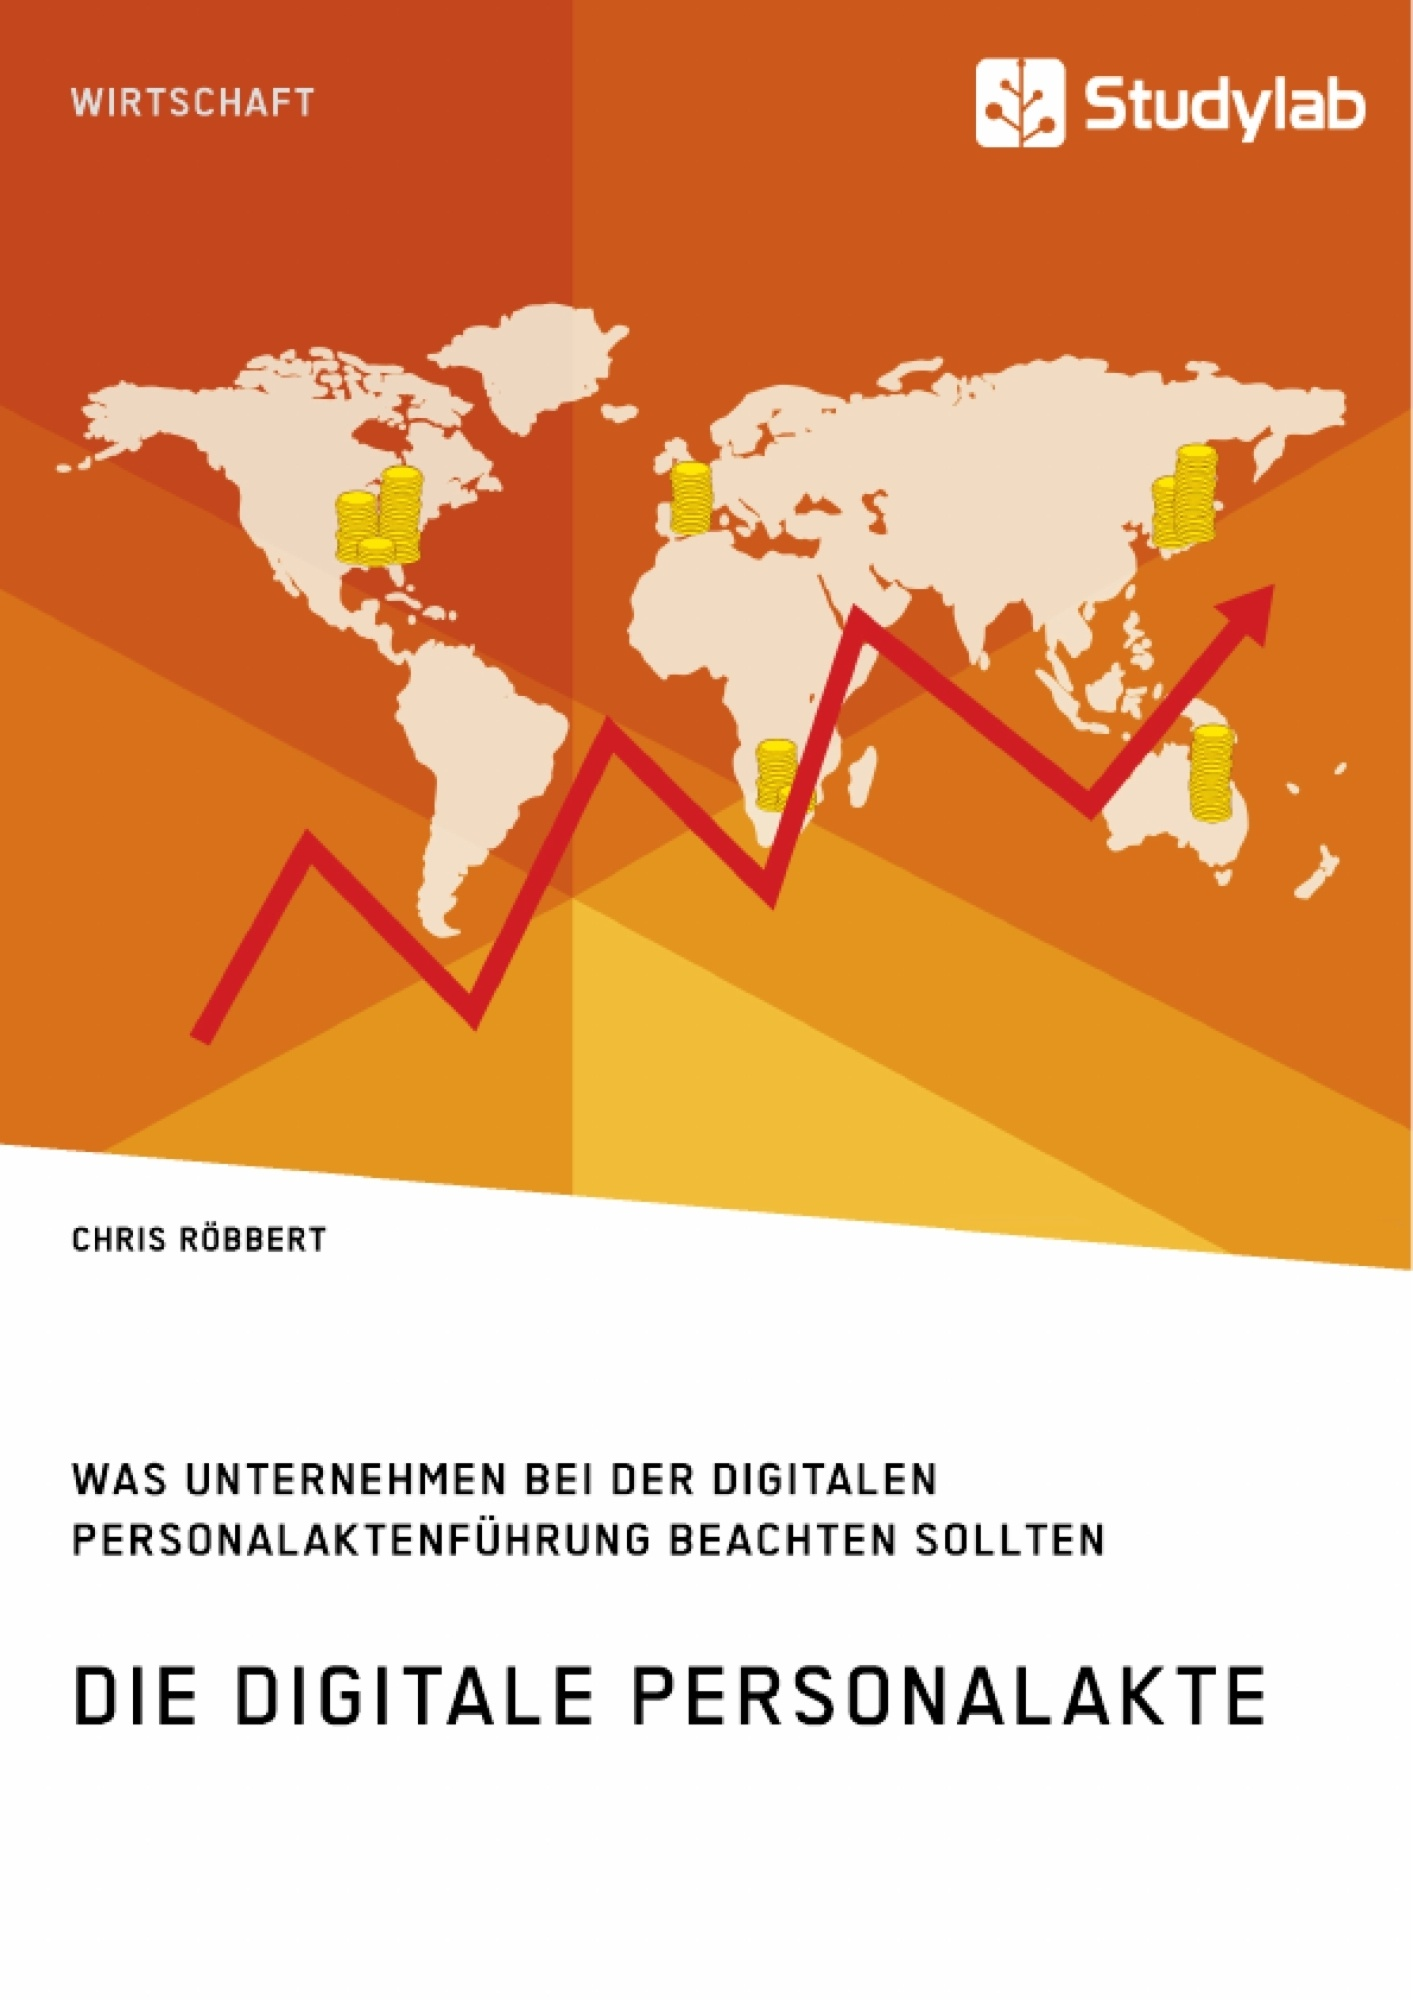 Titel: Die digitale Personalakte. Was Unternehmen bei der digitalen Personalaktenführung beachten sollten